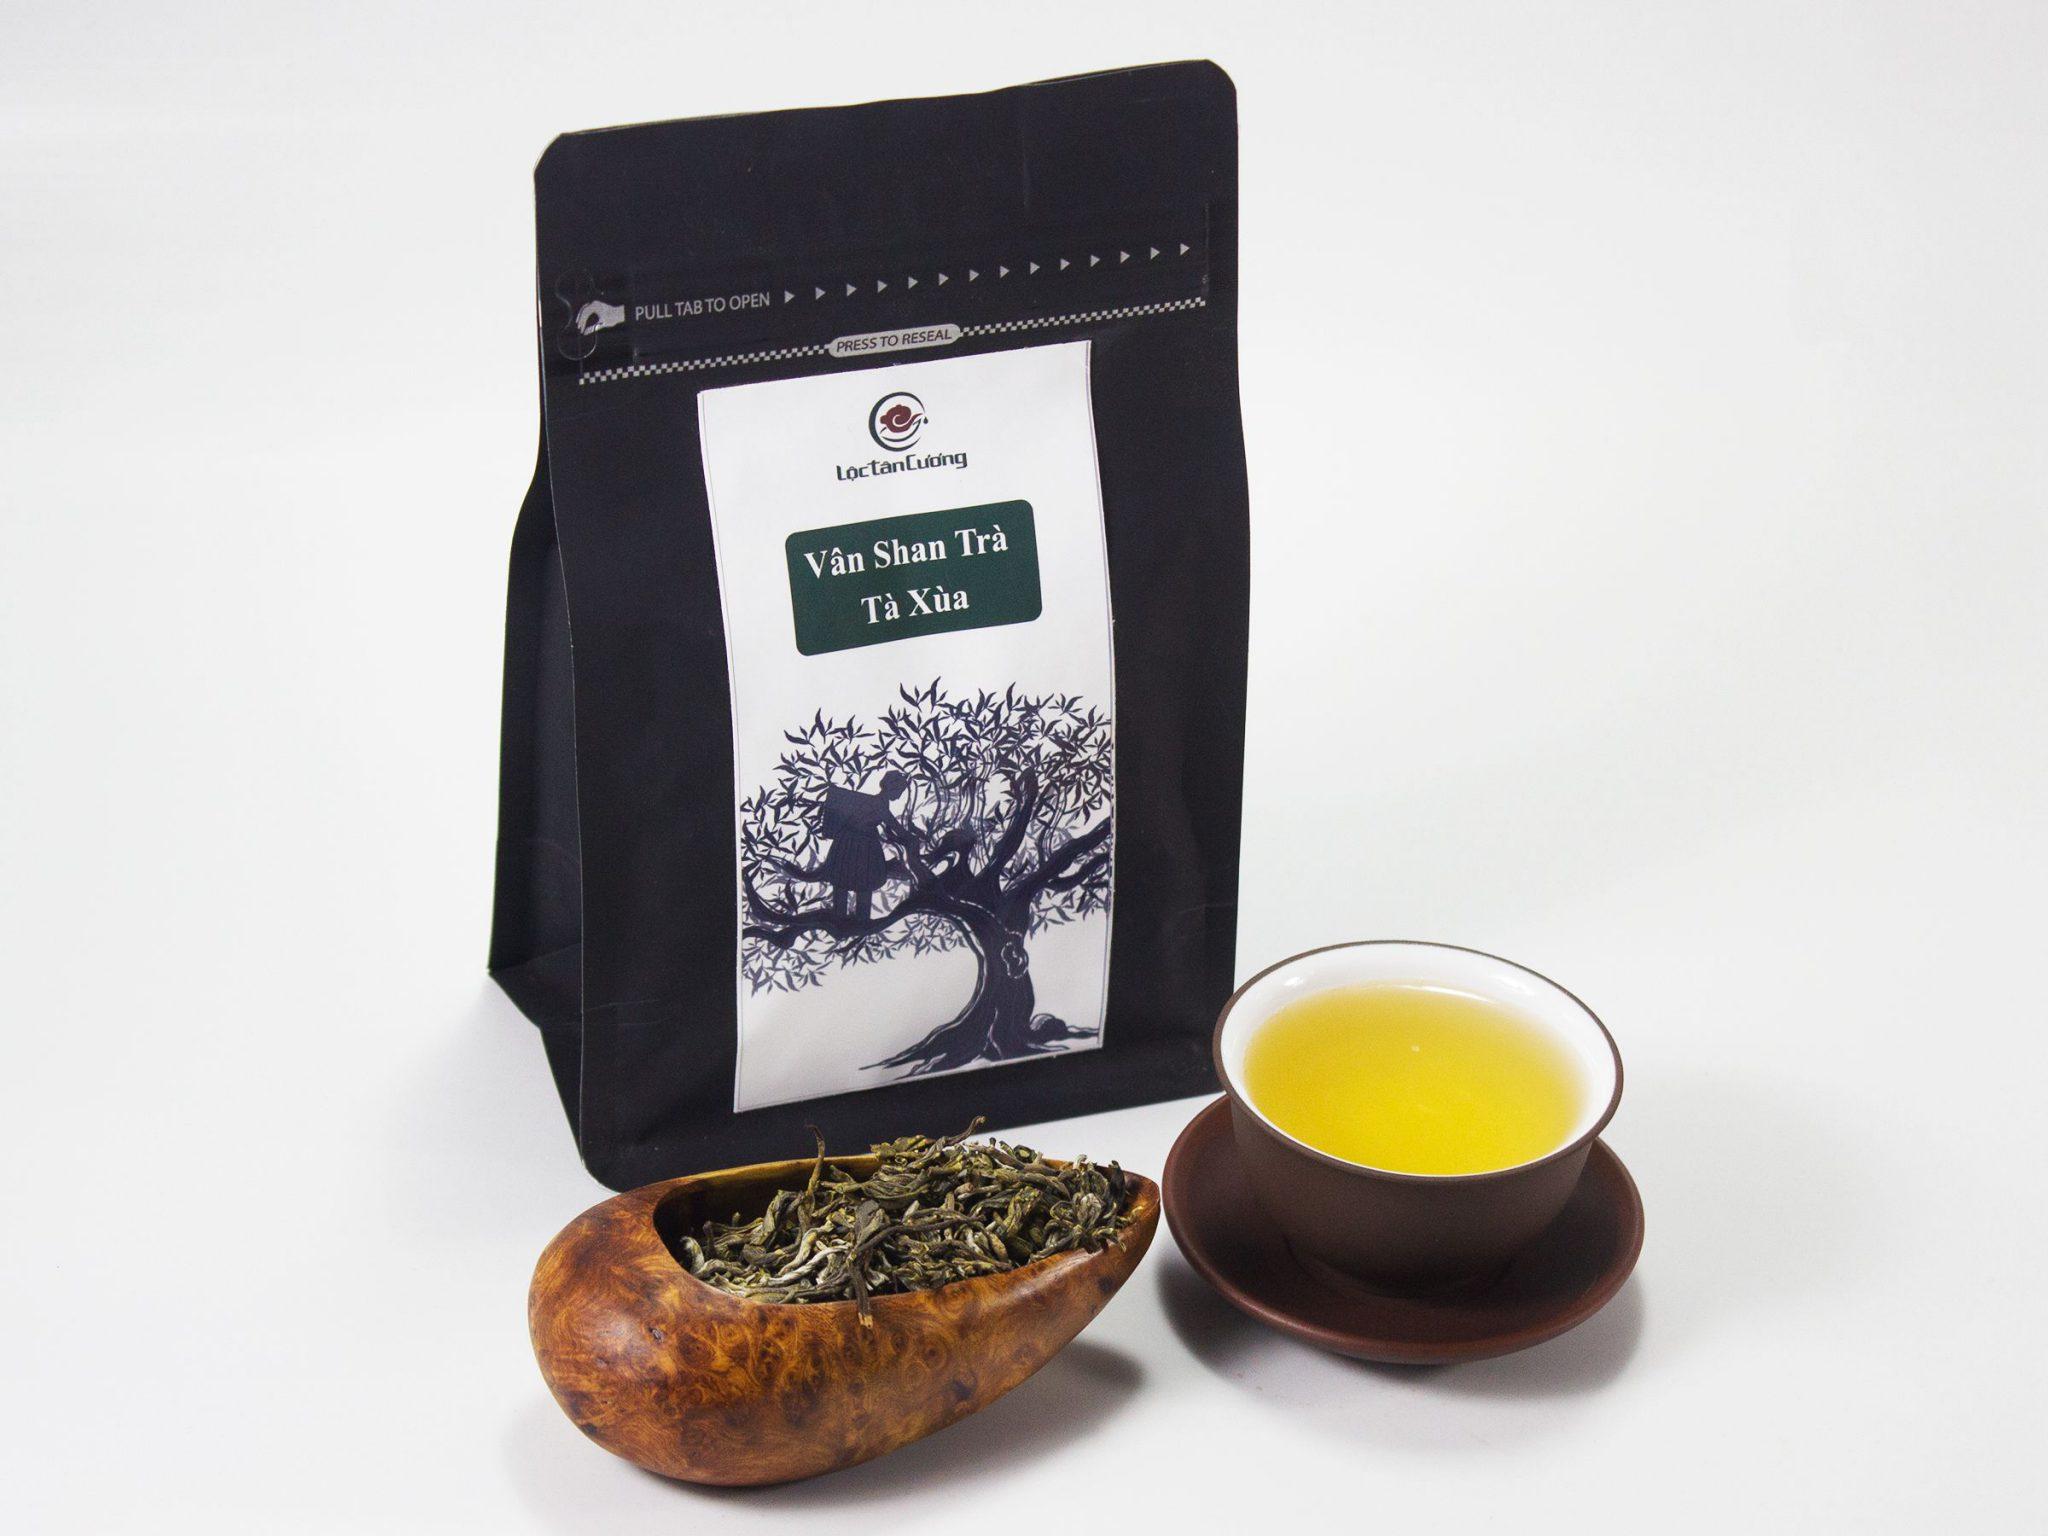 Vân shan trà Tà Xùa (Trà shan tuyết Tà Xùa làm theo phương pháp sao chảo gang)